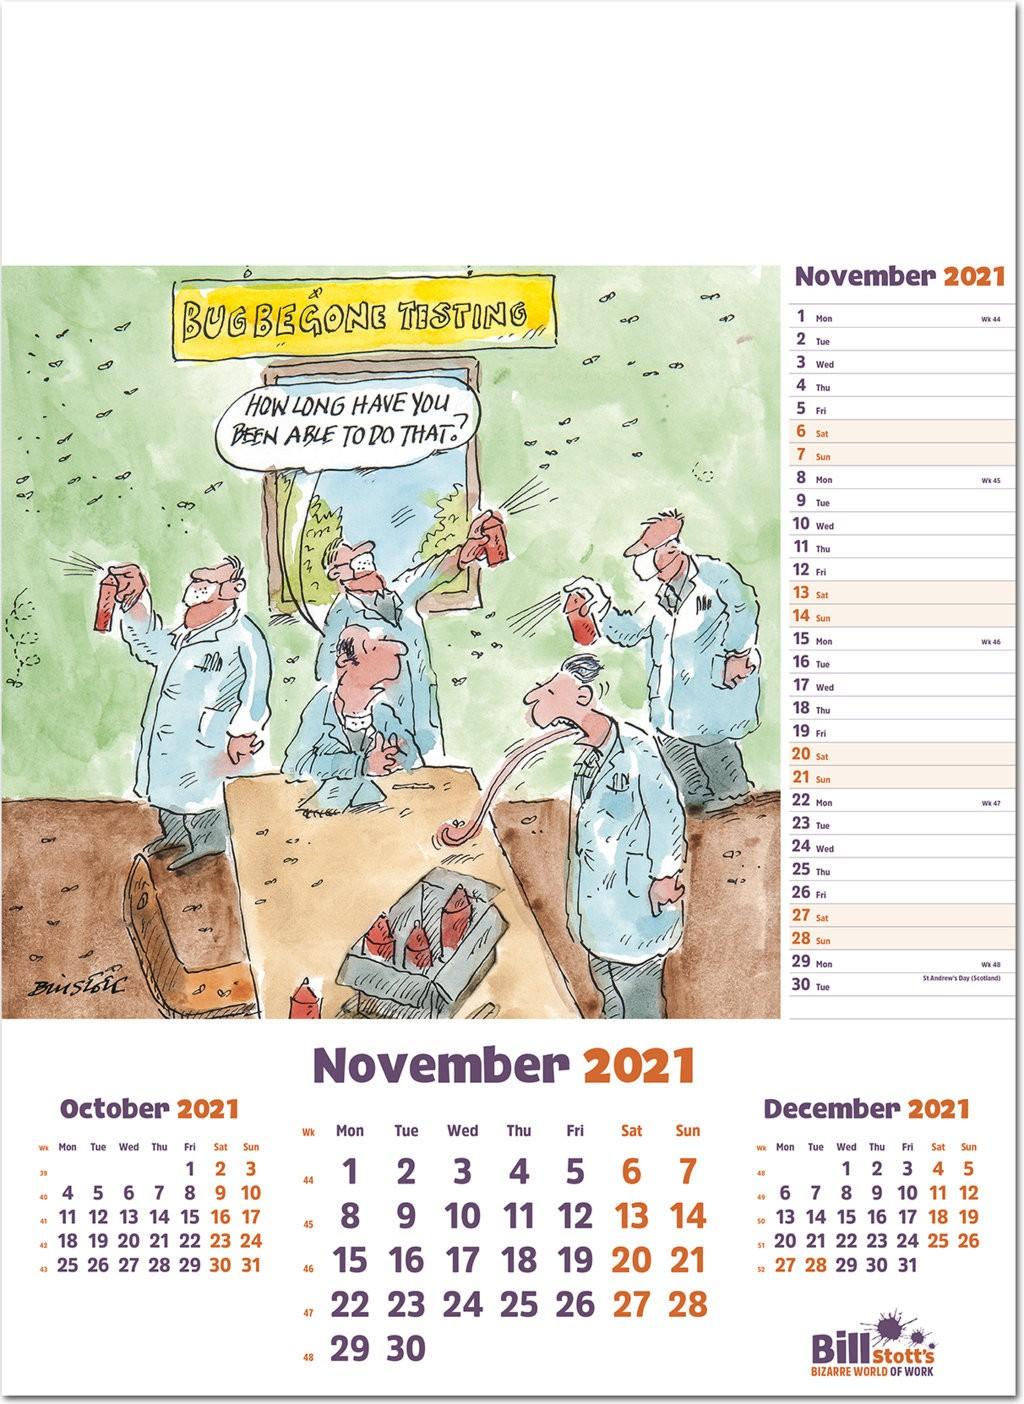 Bill Stott'S Bizarre World Of Work Wall Calendar 2021 - Rose